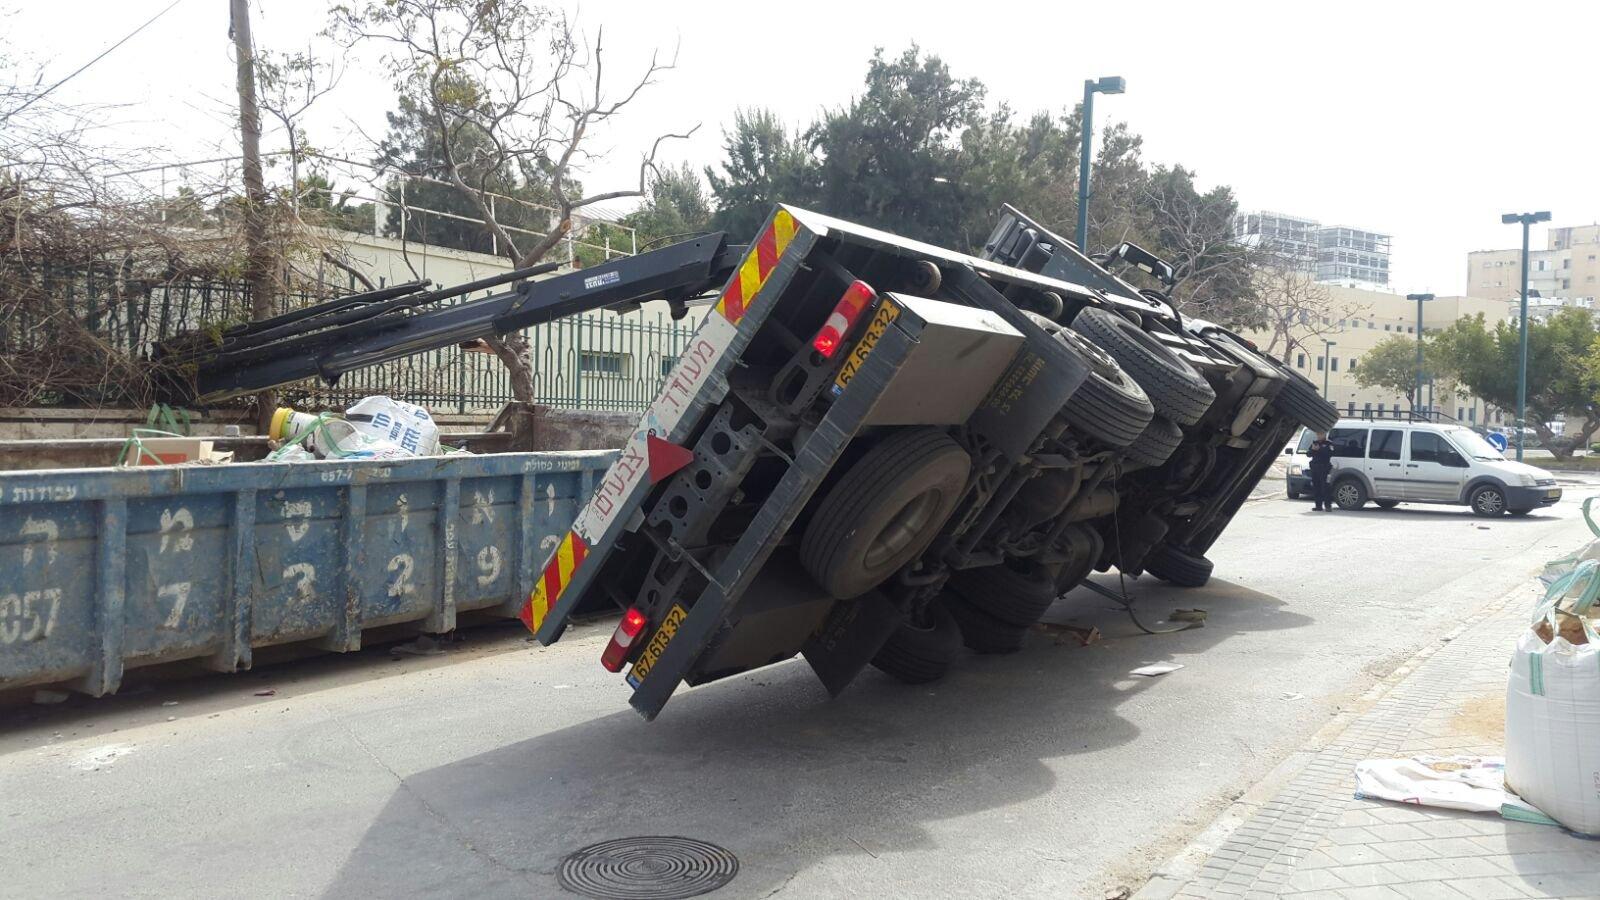 إصابات متفاوتة بعدد من حوادث الطرق والعمل في البلاد